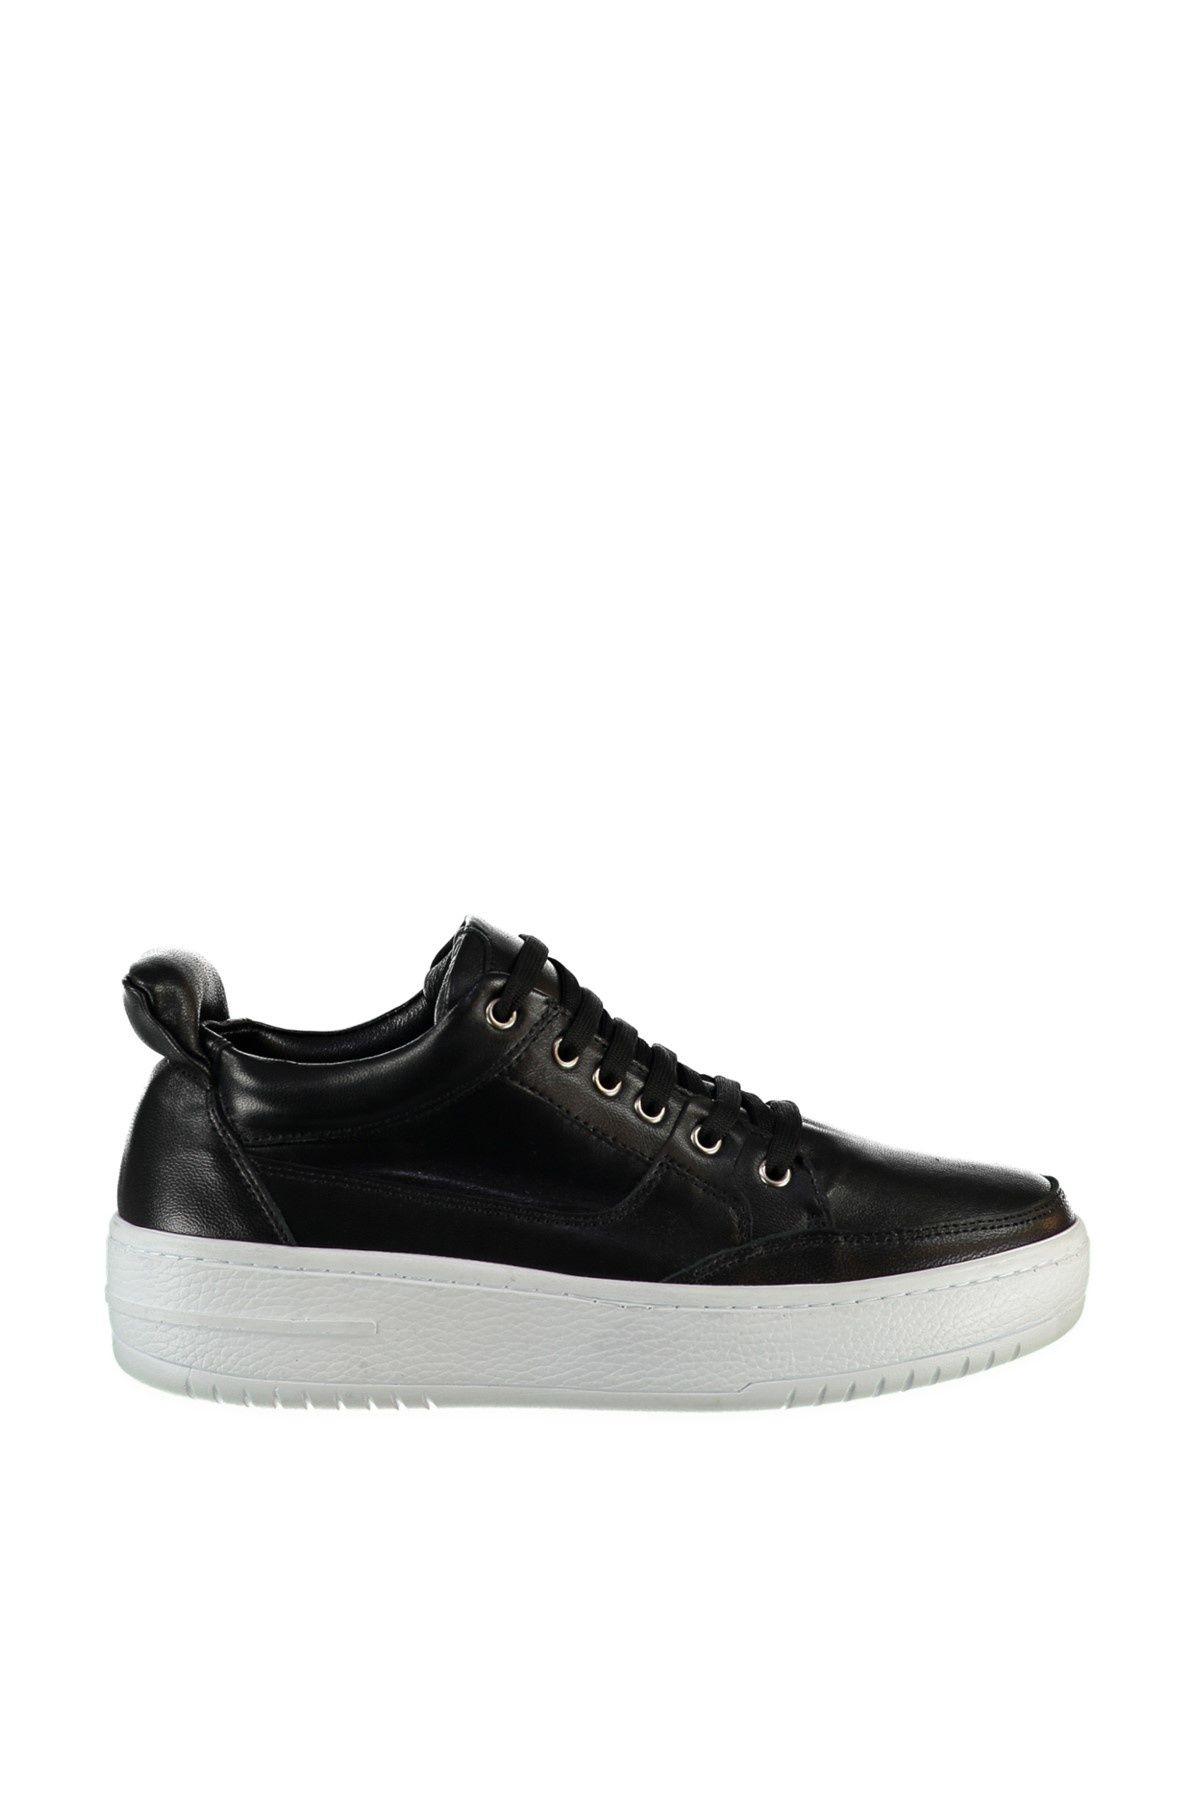 Hakiki Deri Siyah Bagcikli Kadin Sneaker Trendyolmilla Trendyol Sneaker Siyah Ayakkabilar